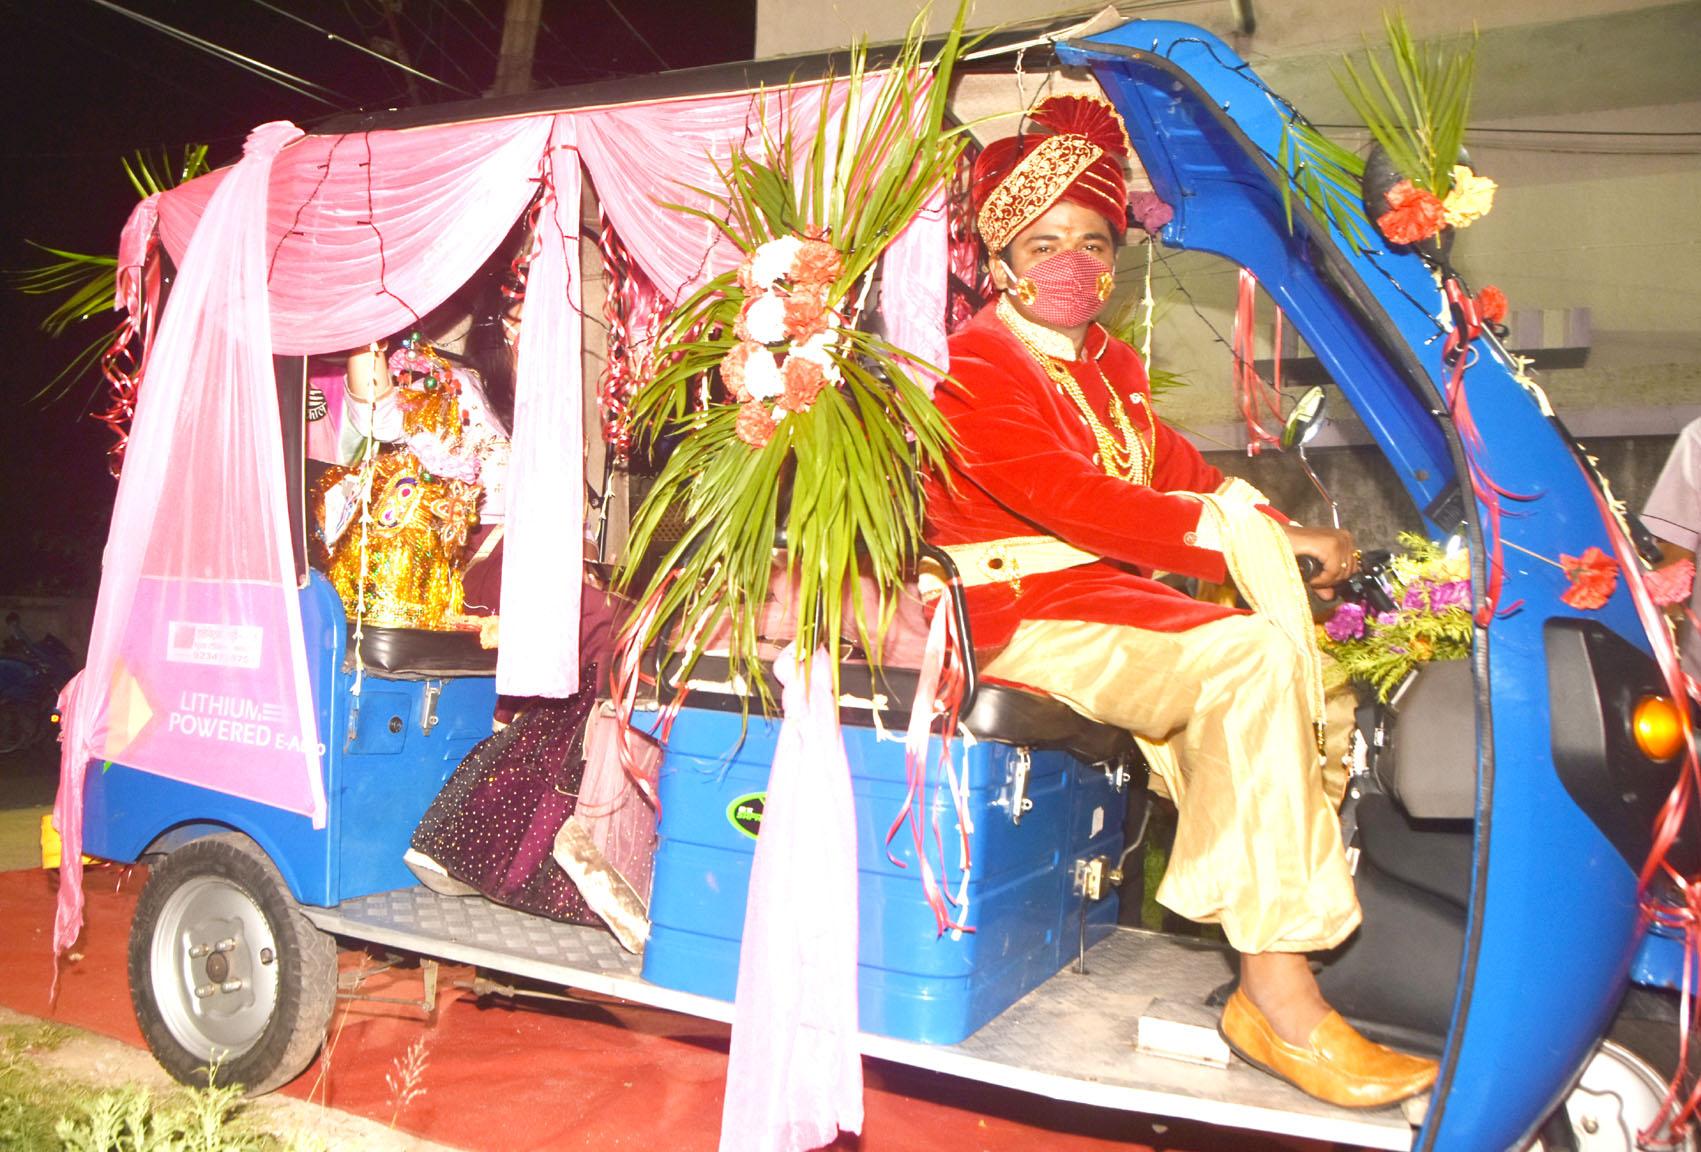 Abhishek Mishra rides the e-rickshaw in Dhanbad on Wednesday night